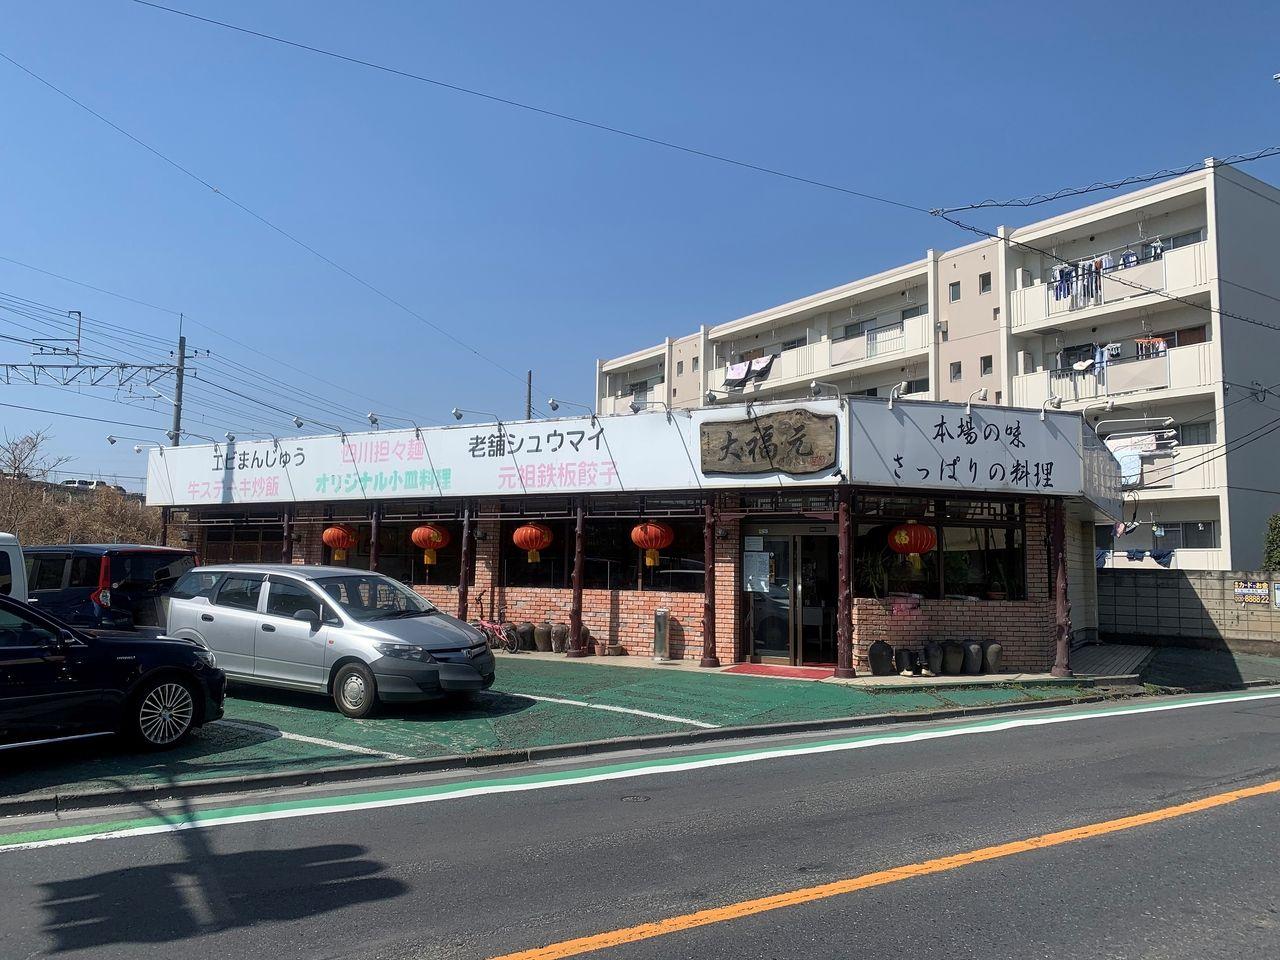 【三郷市食べ歩きブログ】三郷市早稲田2丁目にある「大福元」に行ってきました!